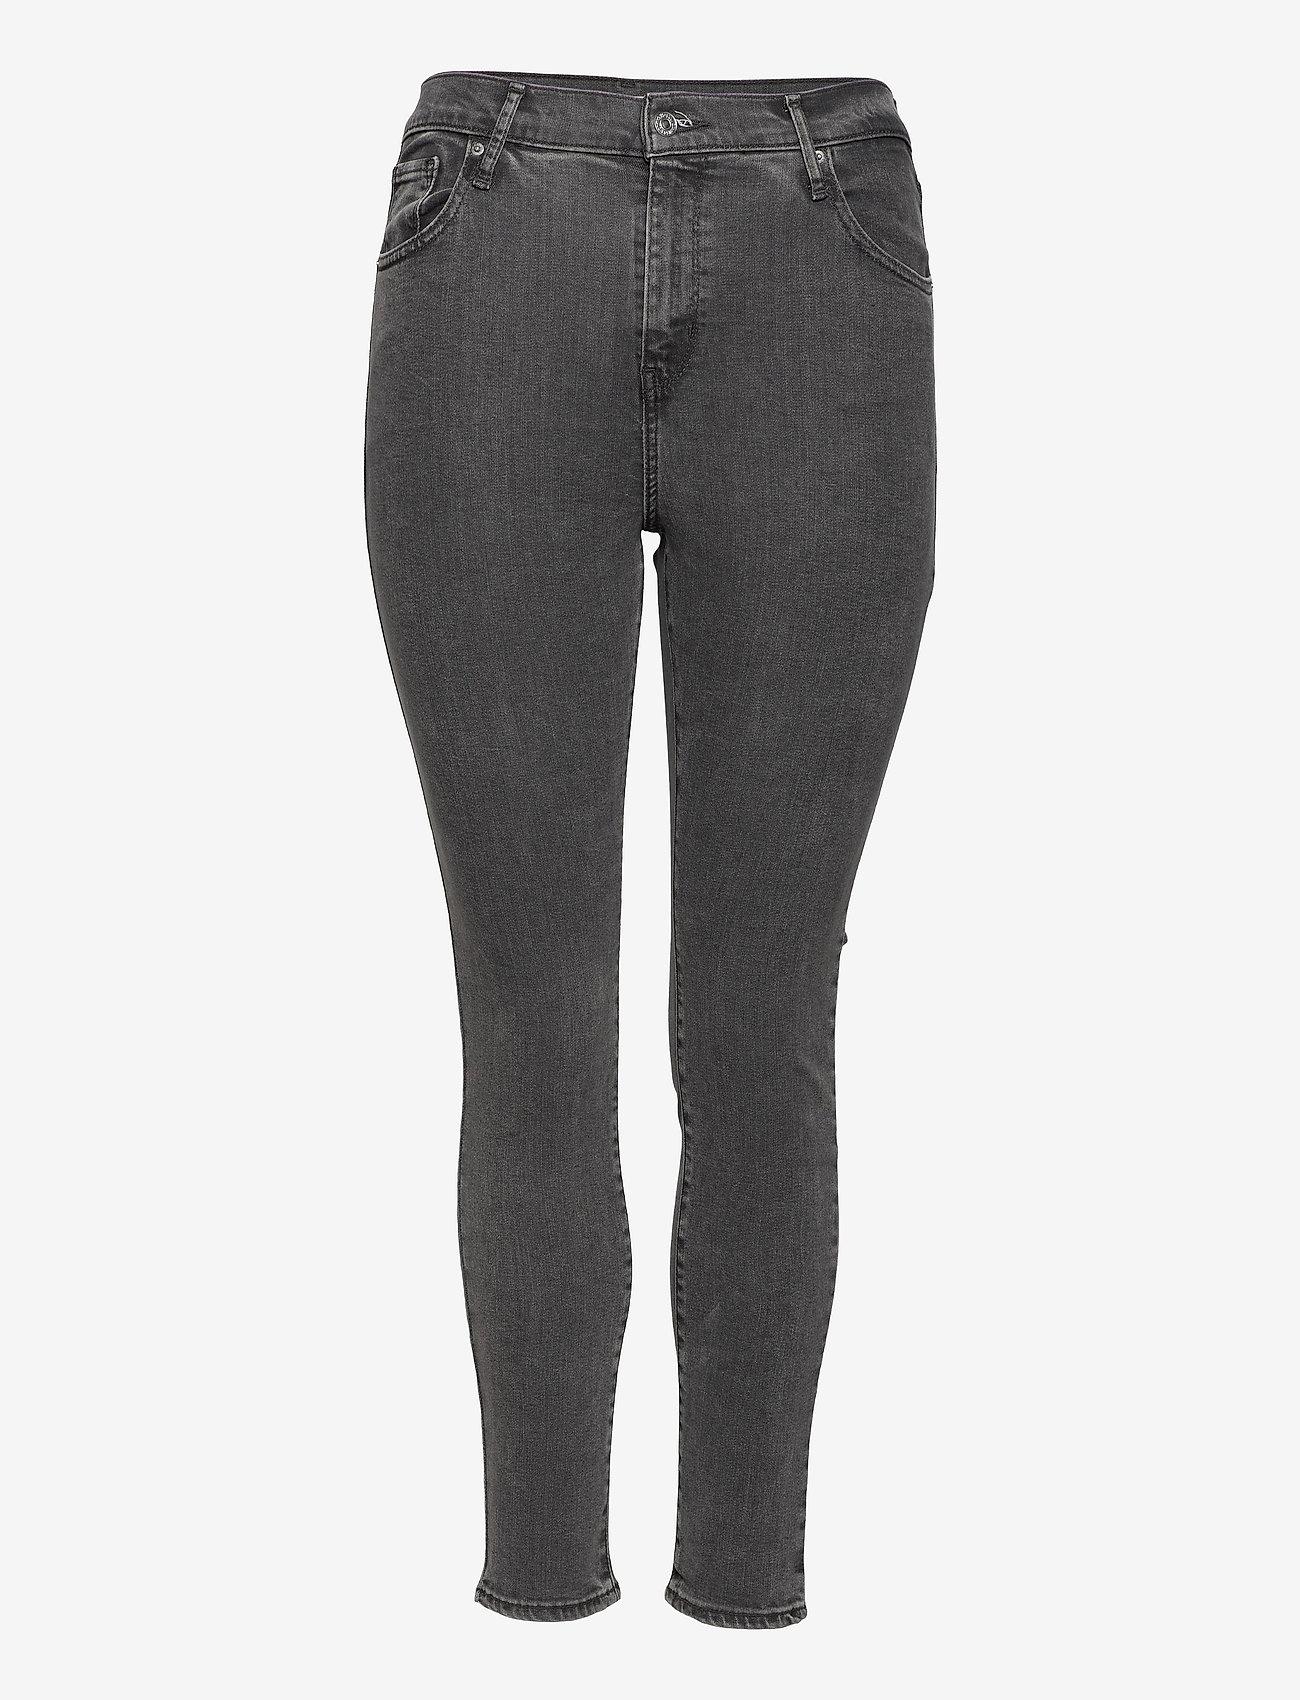 Levi's Plus Size - 721 PL HIRISE SKINNY TRUE GRIT - skinny jeans - blacks - 0